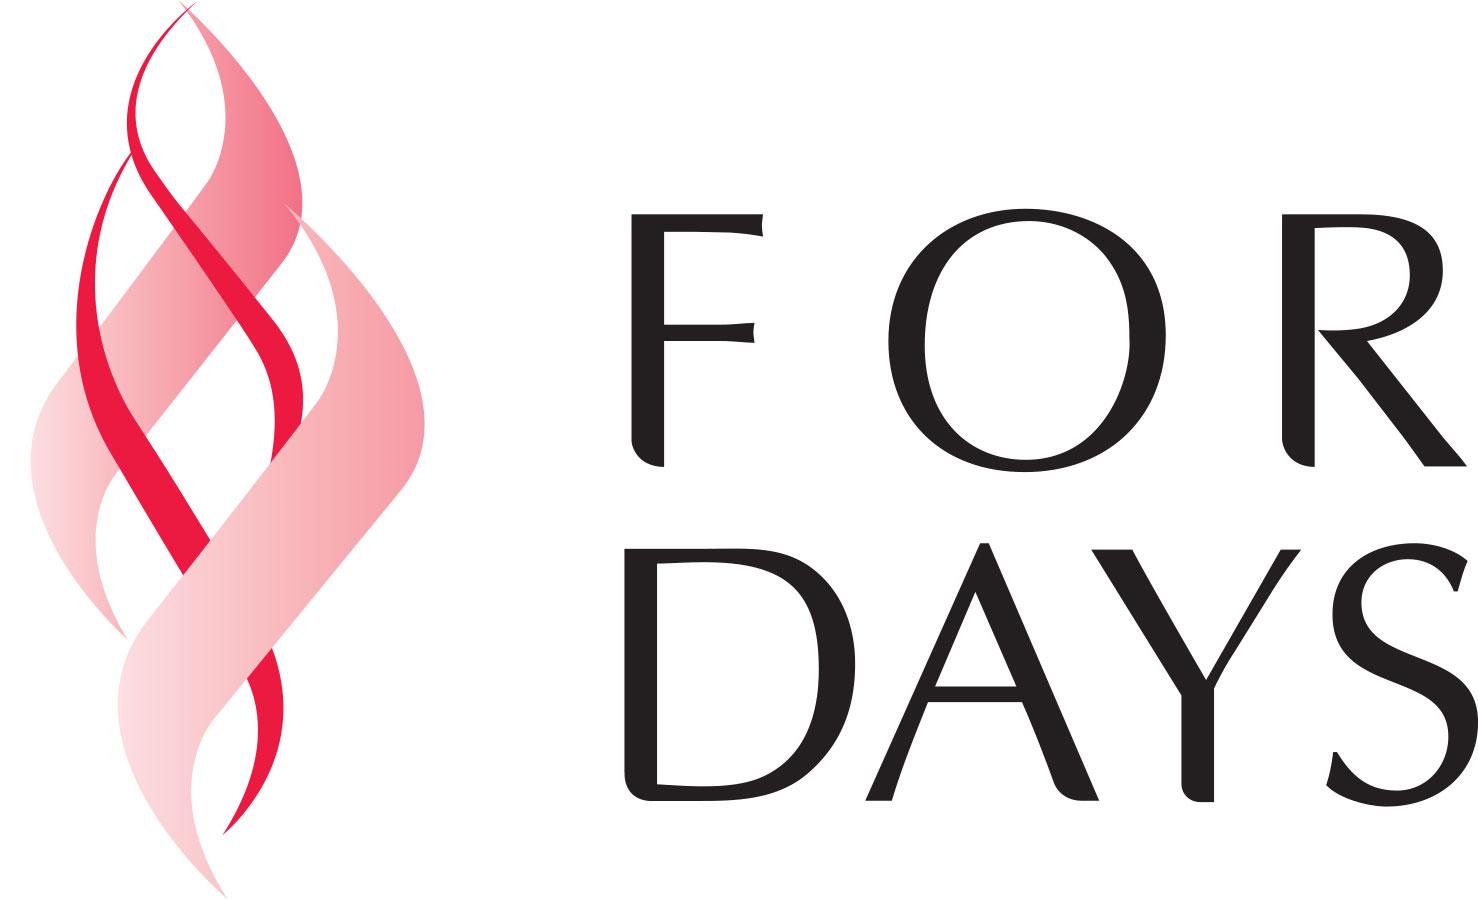 For Days Logo